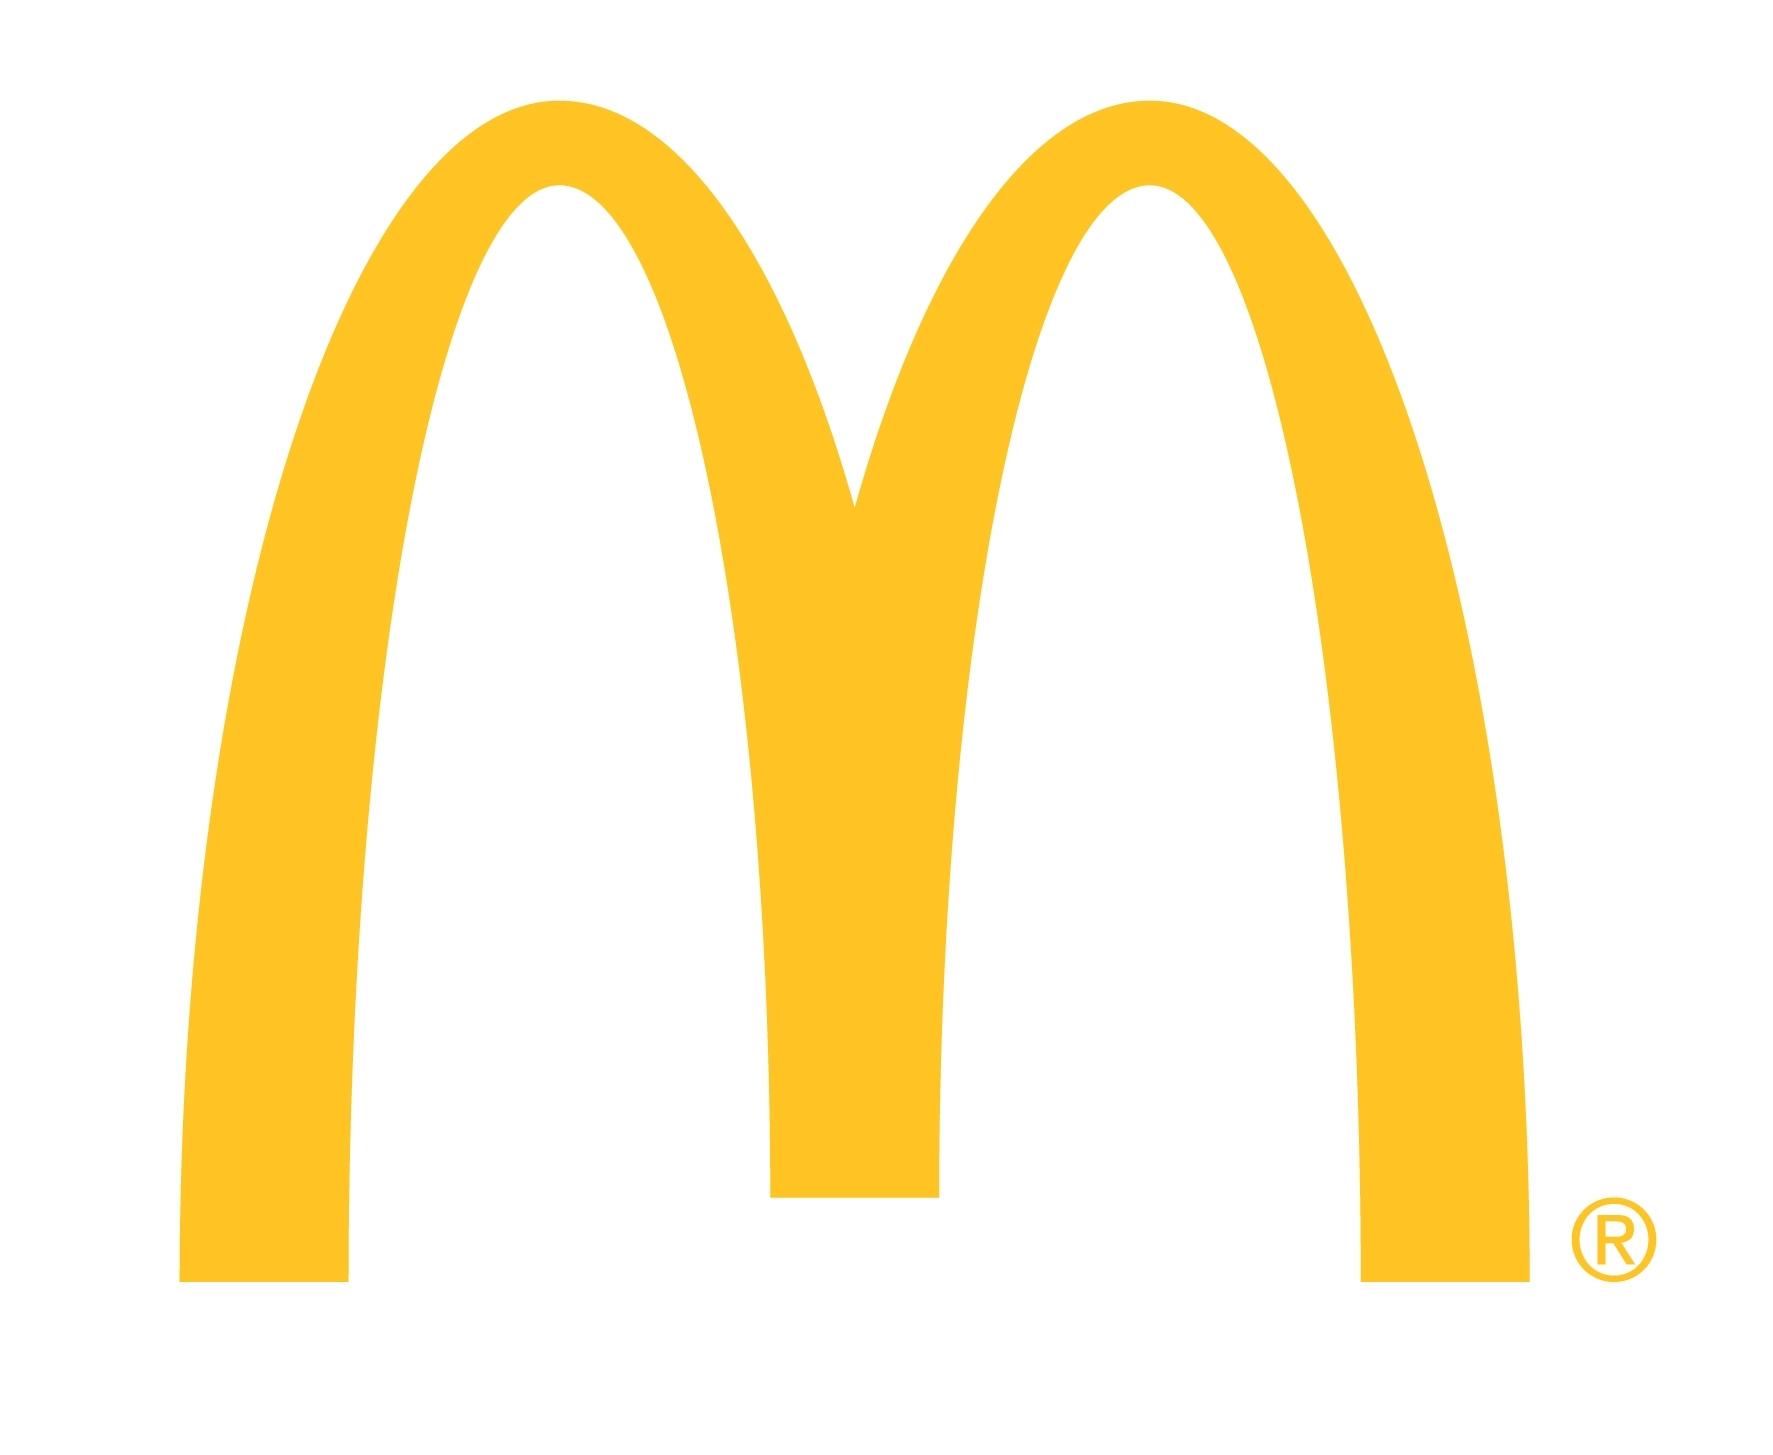 McDonalds - W I-10